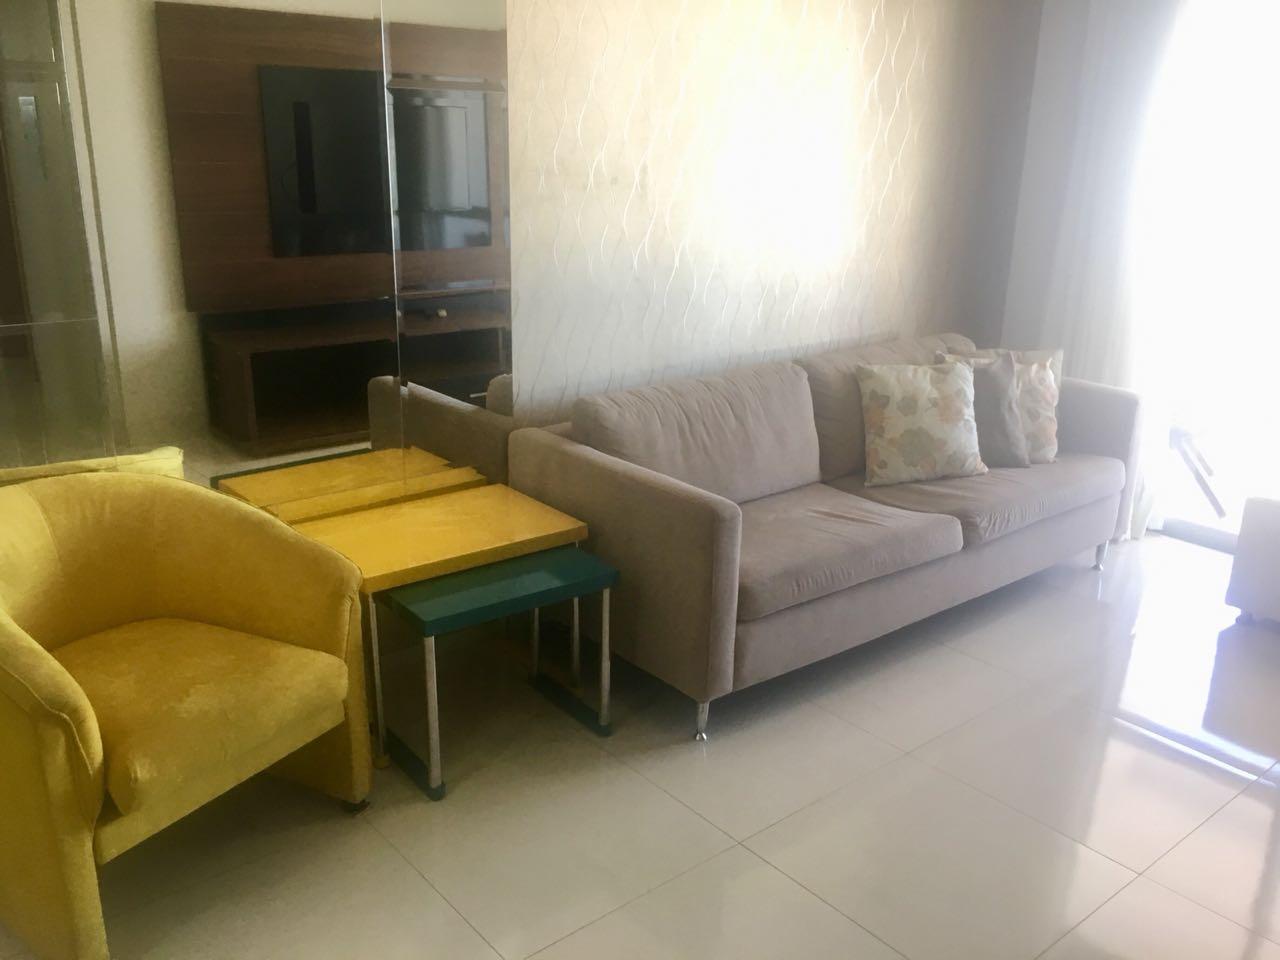 Apartamento para aluguel,  com 3 quartos sendo 1 suite no Araés em Cuiabá MT 101 11720